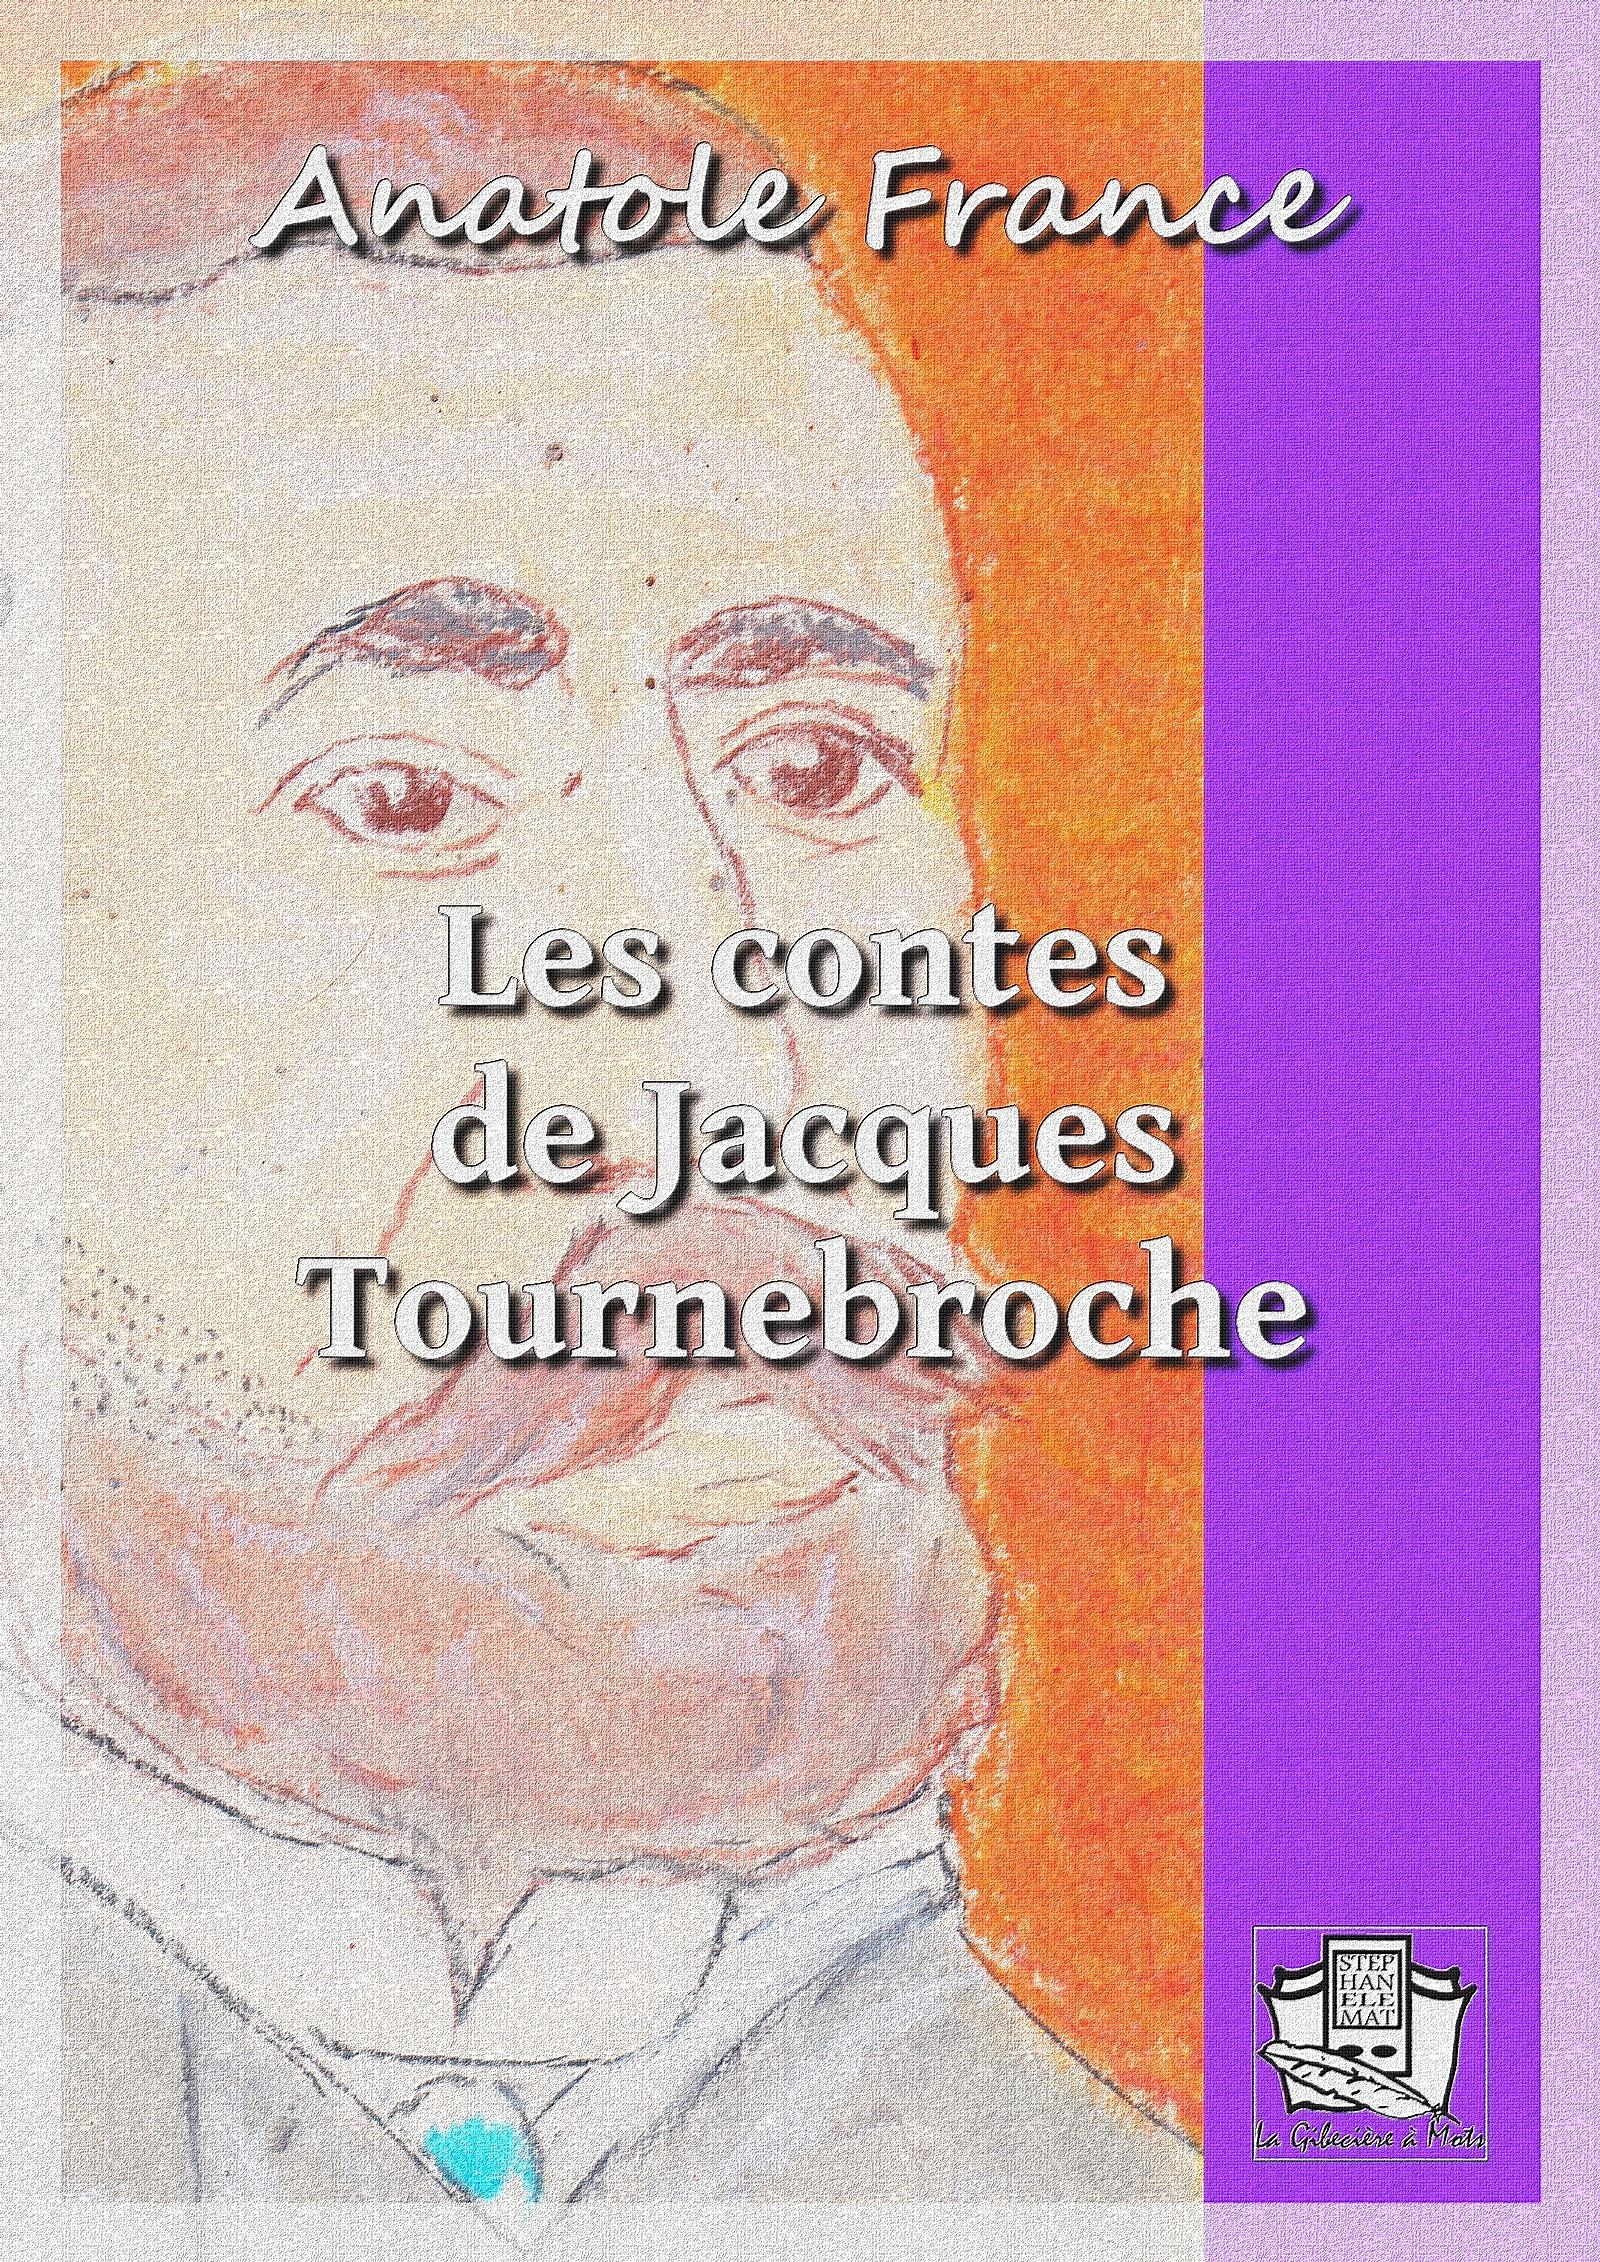 Les contes de Jacques Tournebroche